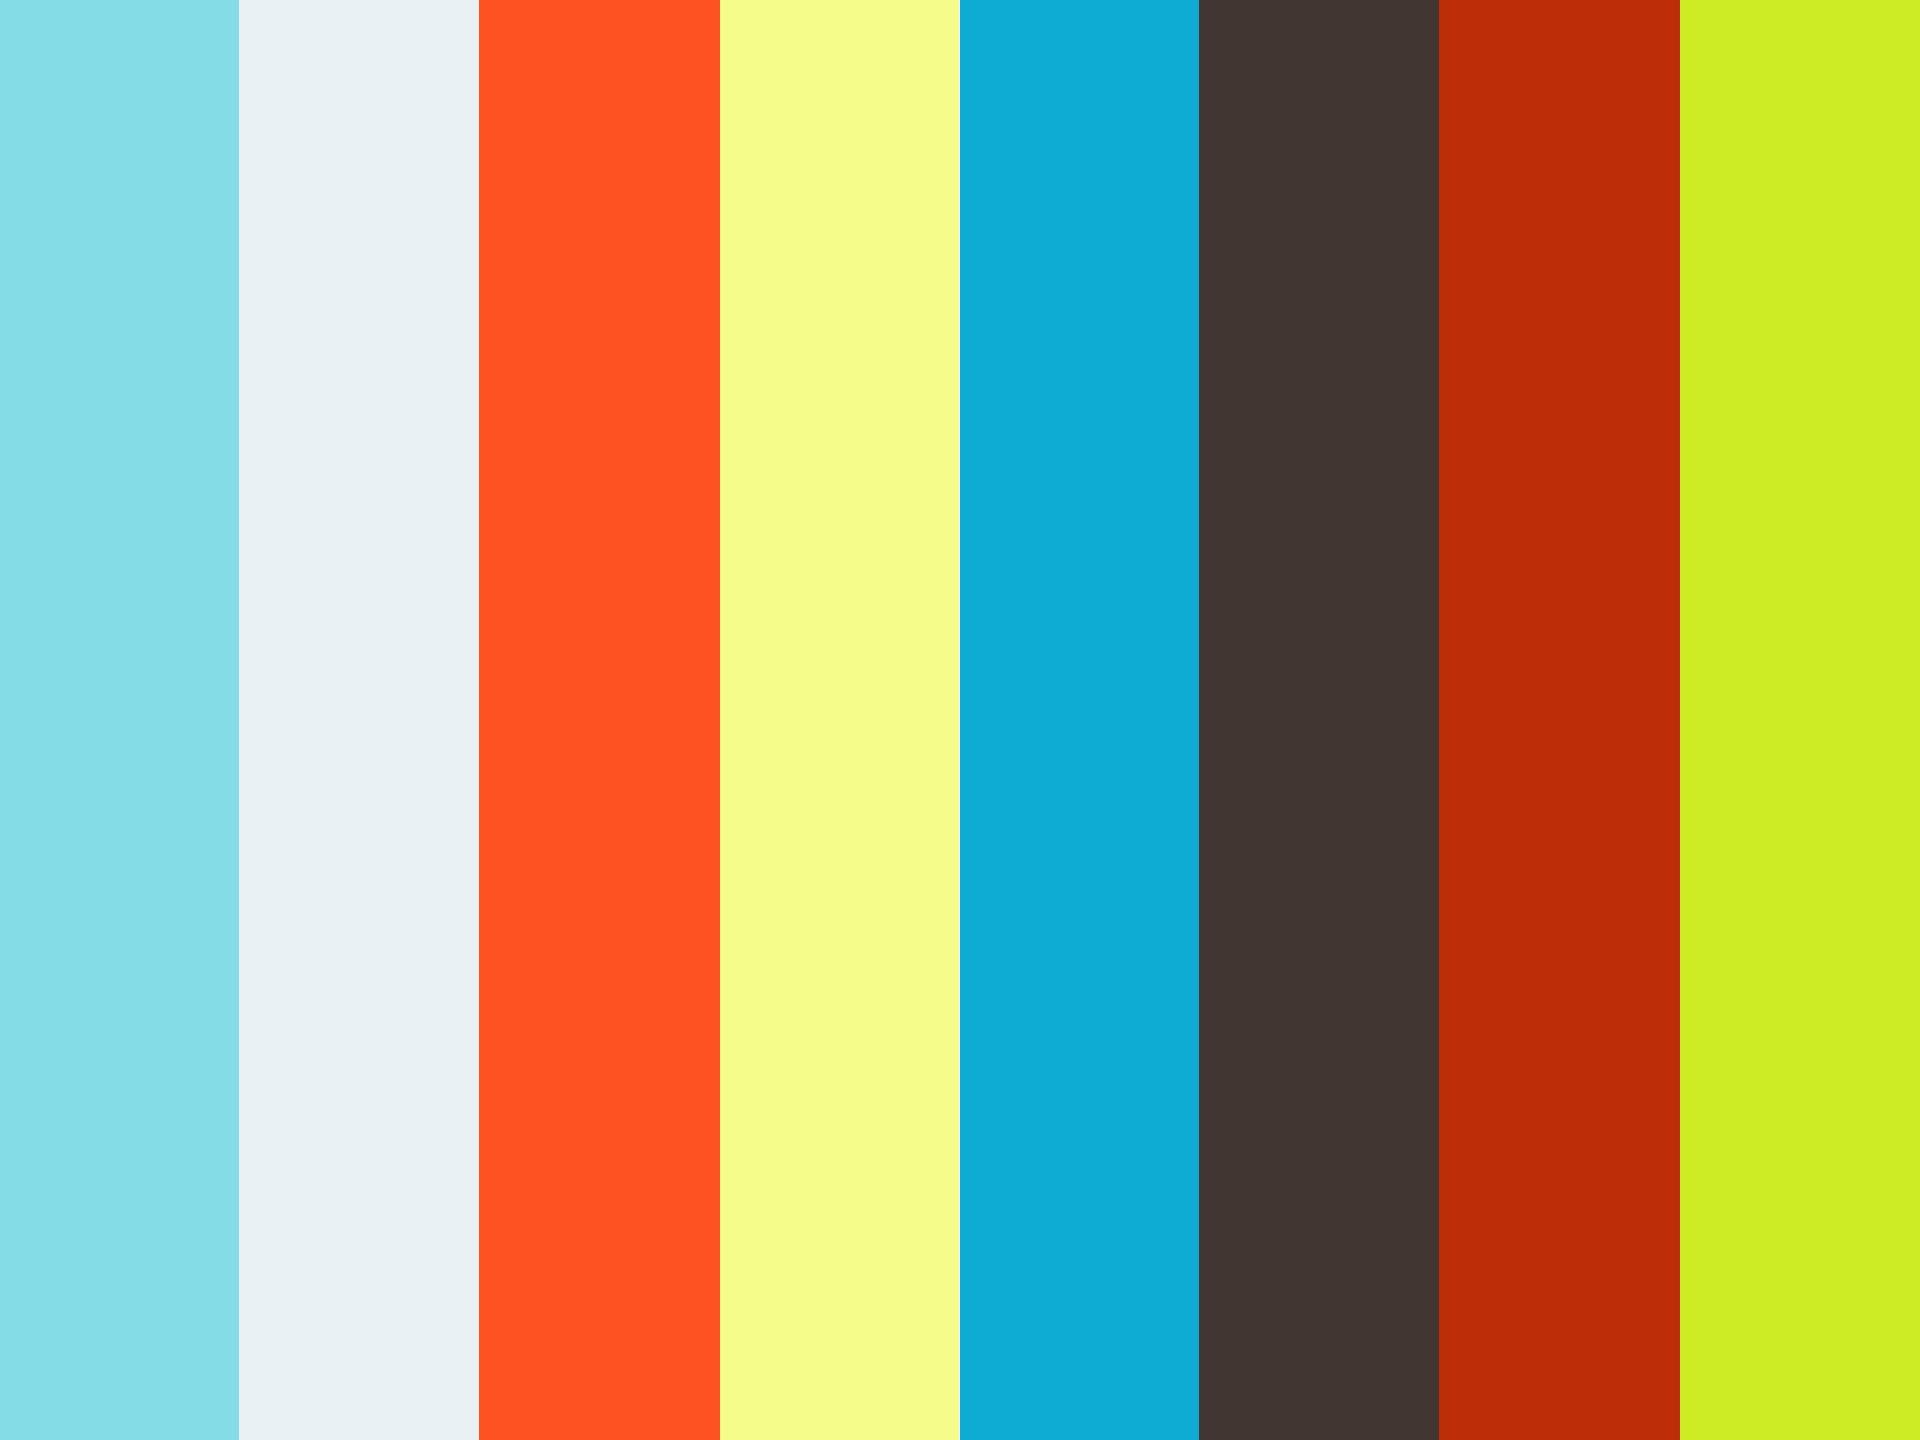 download Anwendung von Methoden der ressourcenbeschränkten Projektplanung mit multiplen Ausführungsmodi in der betriebswirtschaftlichen Praxis: Rückbauplanung für Kernkraftwerke und Versuchsträgerplanung in Automobilentwicklungsprojekten